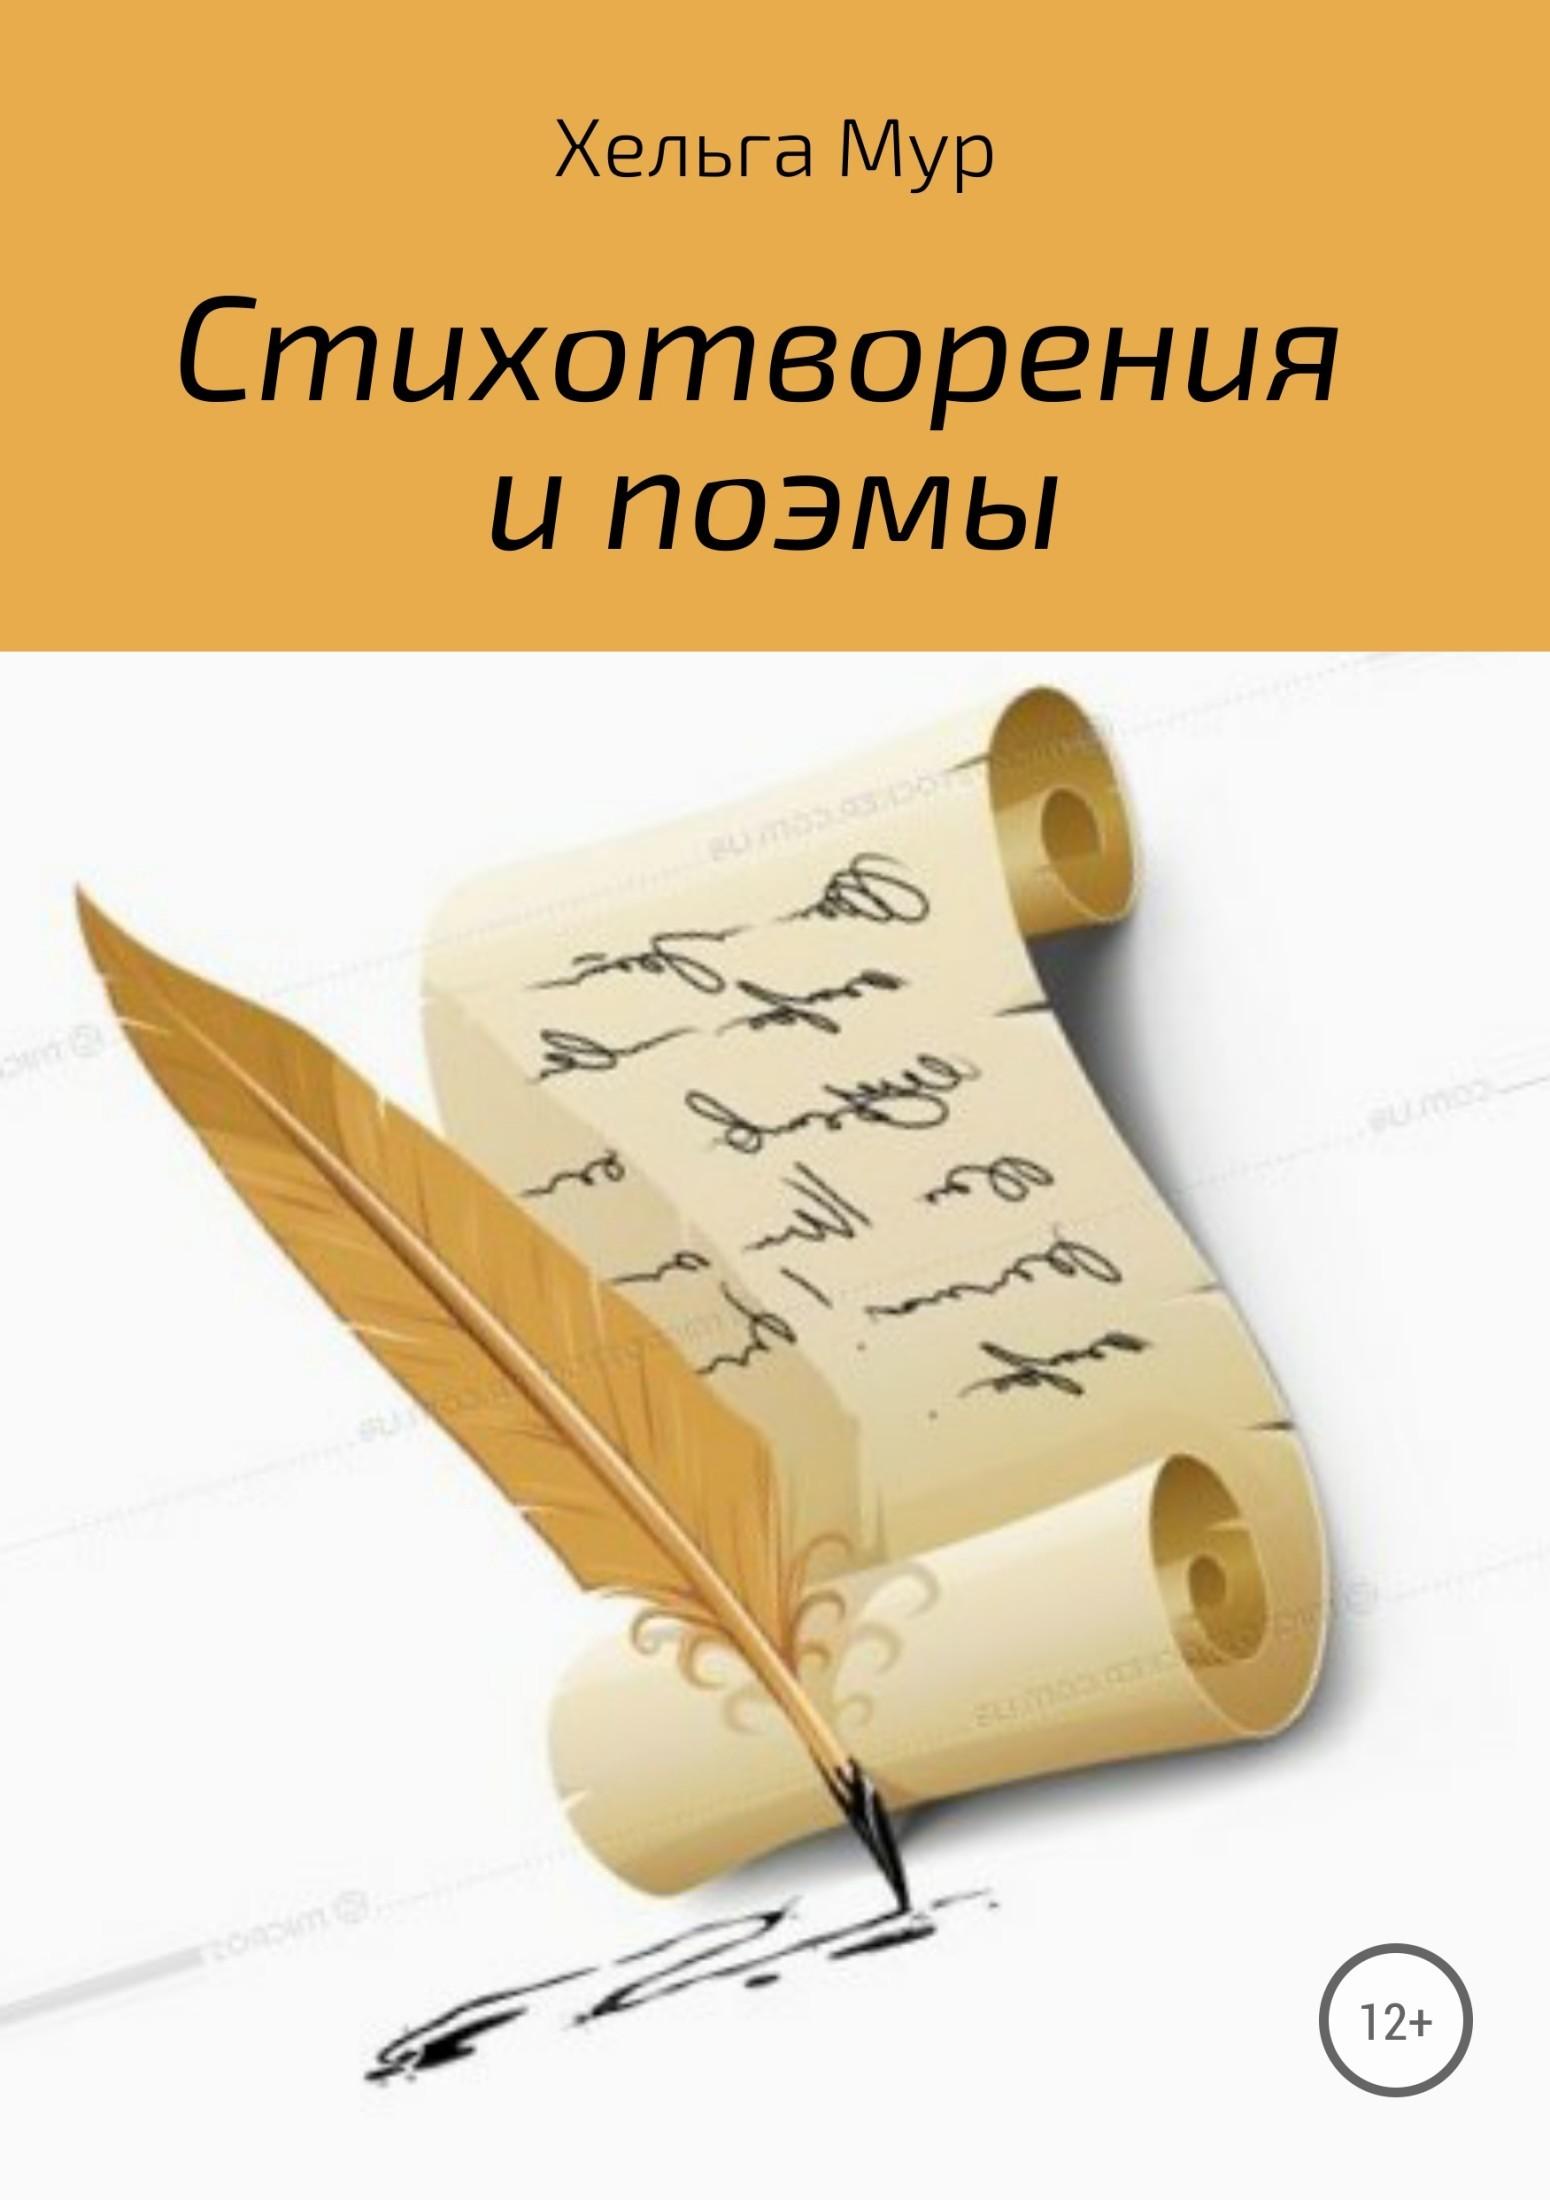 Хельга Мур Стихотворения и поэмы рождественский р эхо любви стихотворения поэмы isbn 9785699997381